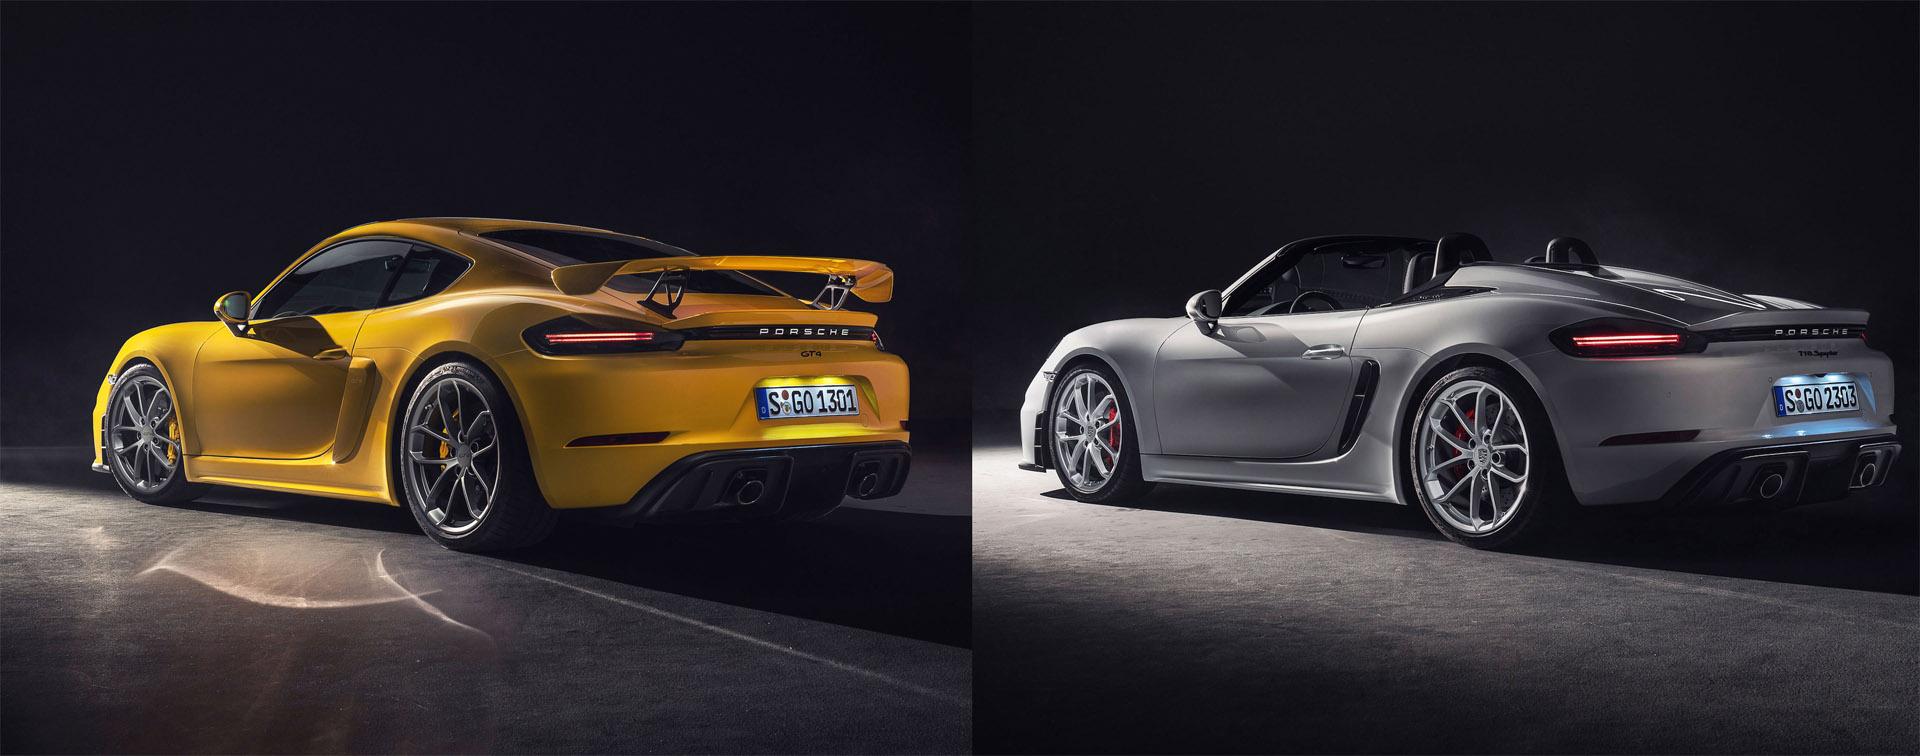 Nuevos Porsche 718 Spyder y 718 Cayman GT4, posiblemente los mejores Porsche